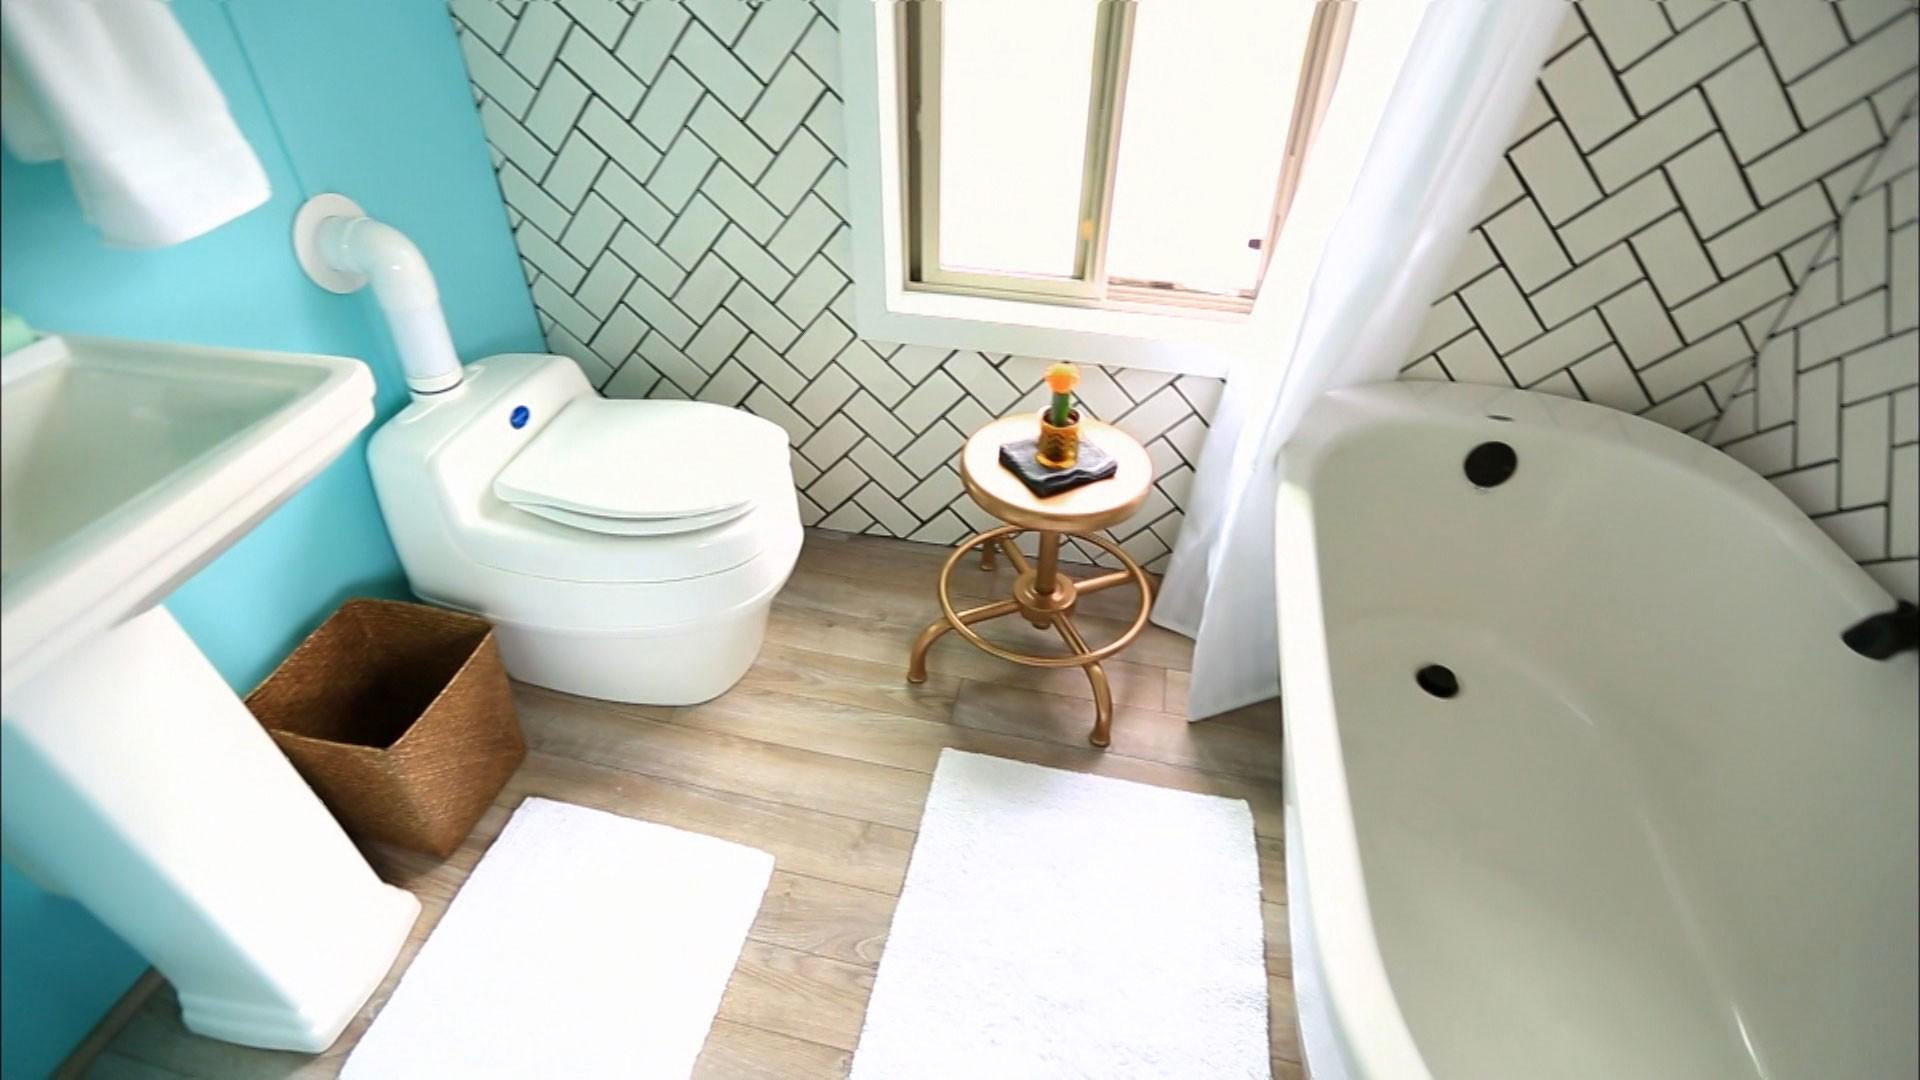 banheira cozinha completa quarto de casal e até estúdio de música #2D757B 1920 1080